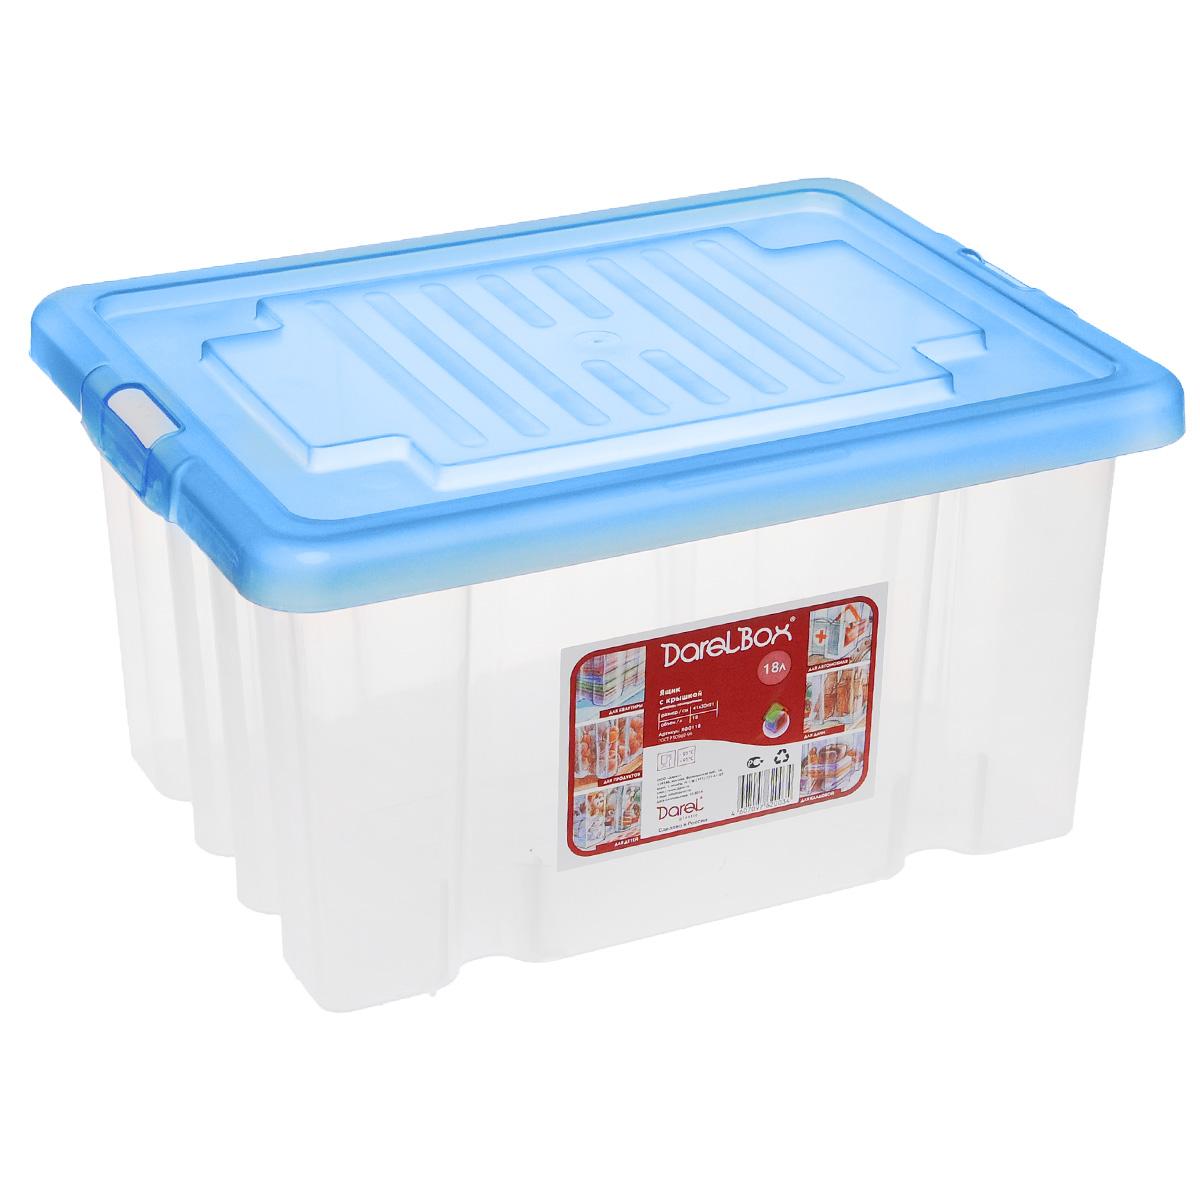 Ящик Darel Box, с крышкой, цвет: синий, прозрачный, 18 л12723Ящик Darel Box, изготовленный из прозрачного пластика, оснащен плотно закрывающейся крышкой. Изделие предназначено для хранения различных бытовых вещей. Идеально подойдет для хранения белья, продуктов, игрушек. Будет незаменим на даче, в гараже или кладовой. Выдерживает температурные перепады от -25°С до +95°С.Размер ящика: 40 см х 30 см х 21 см.